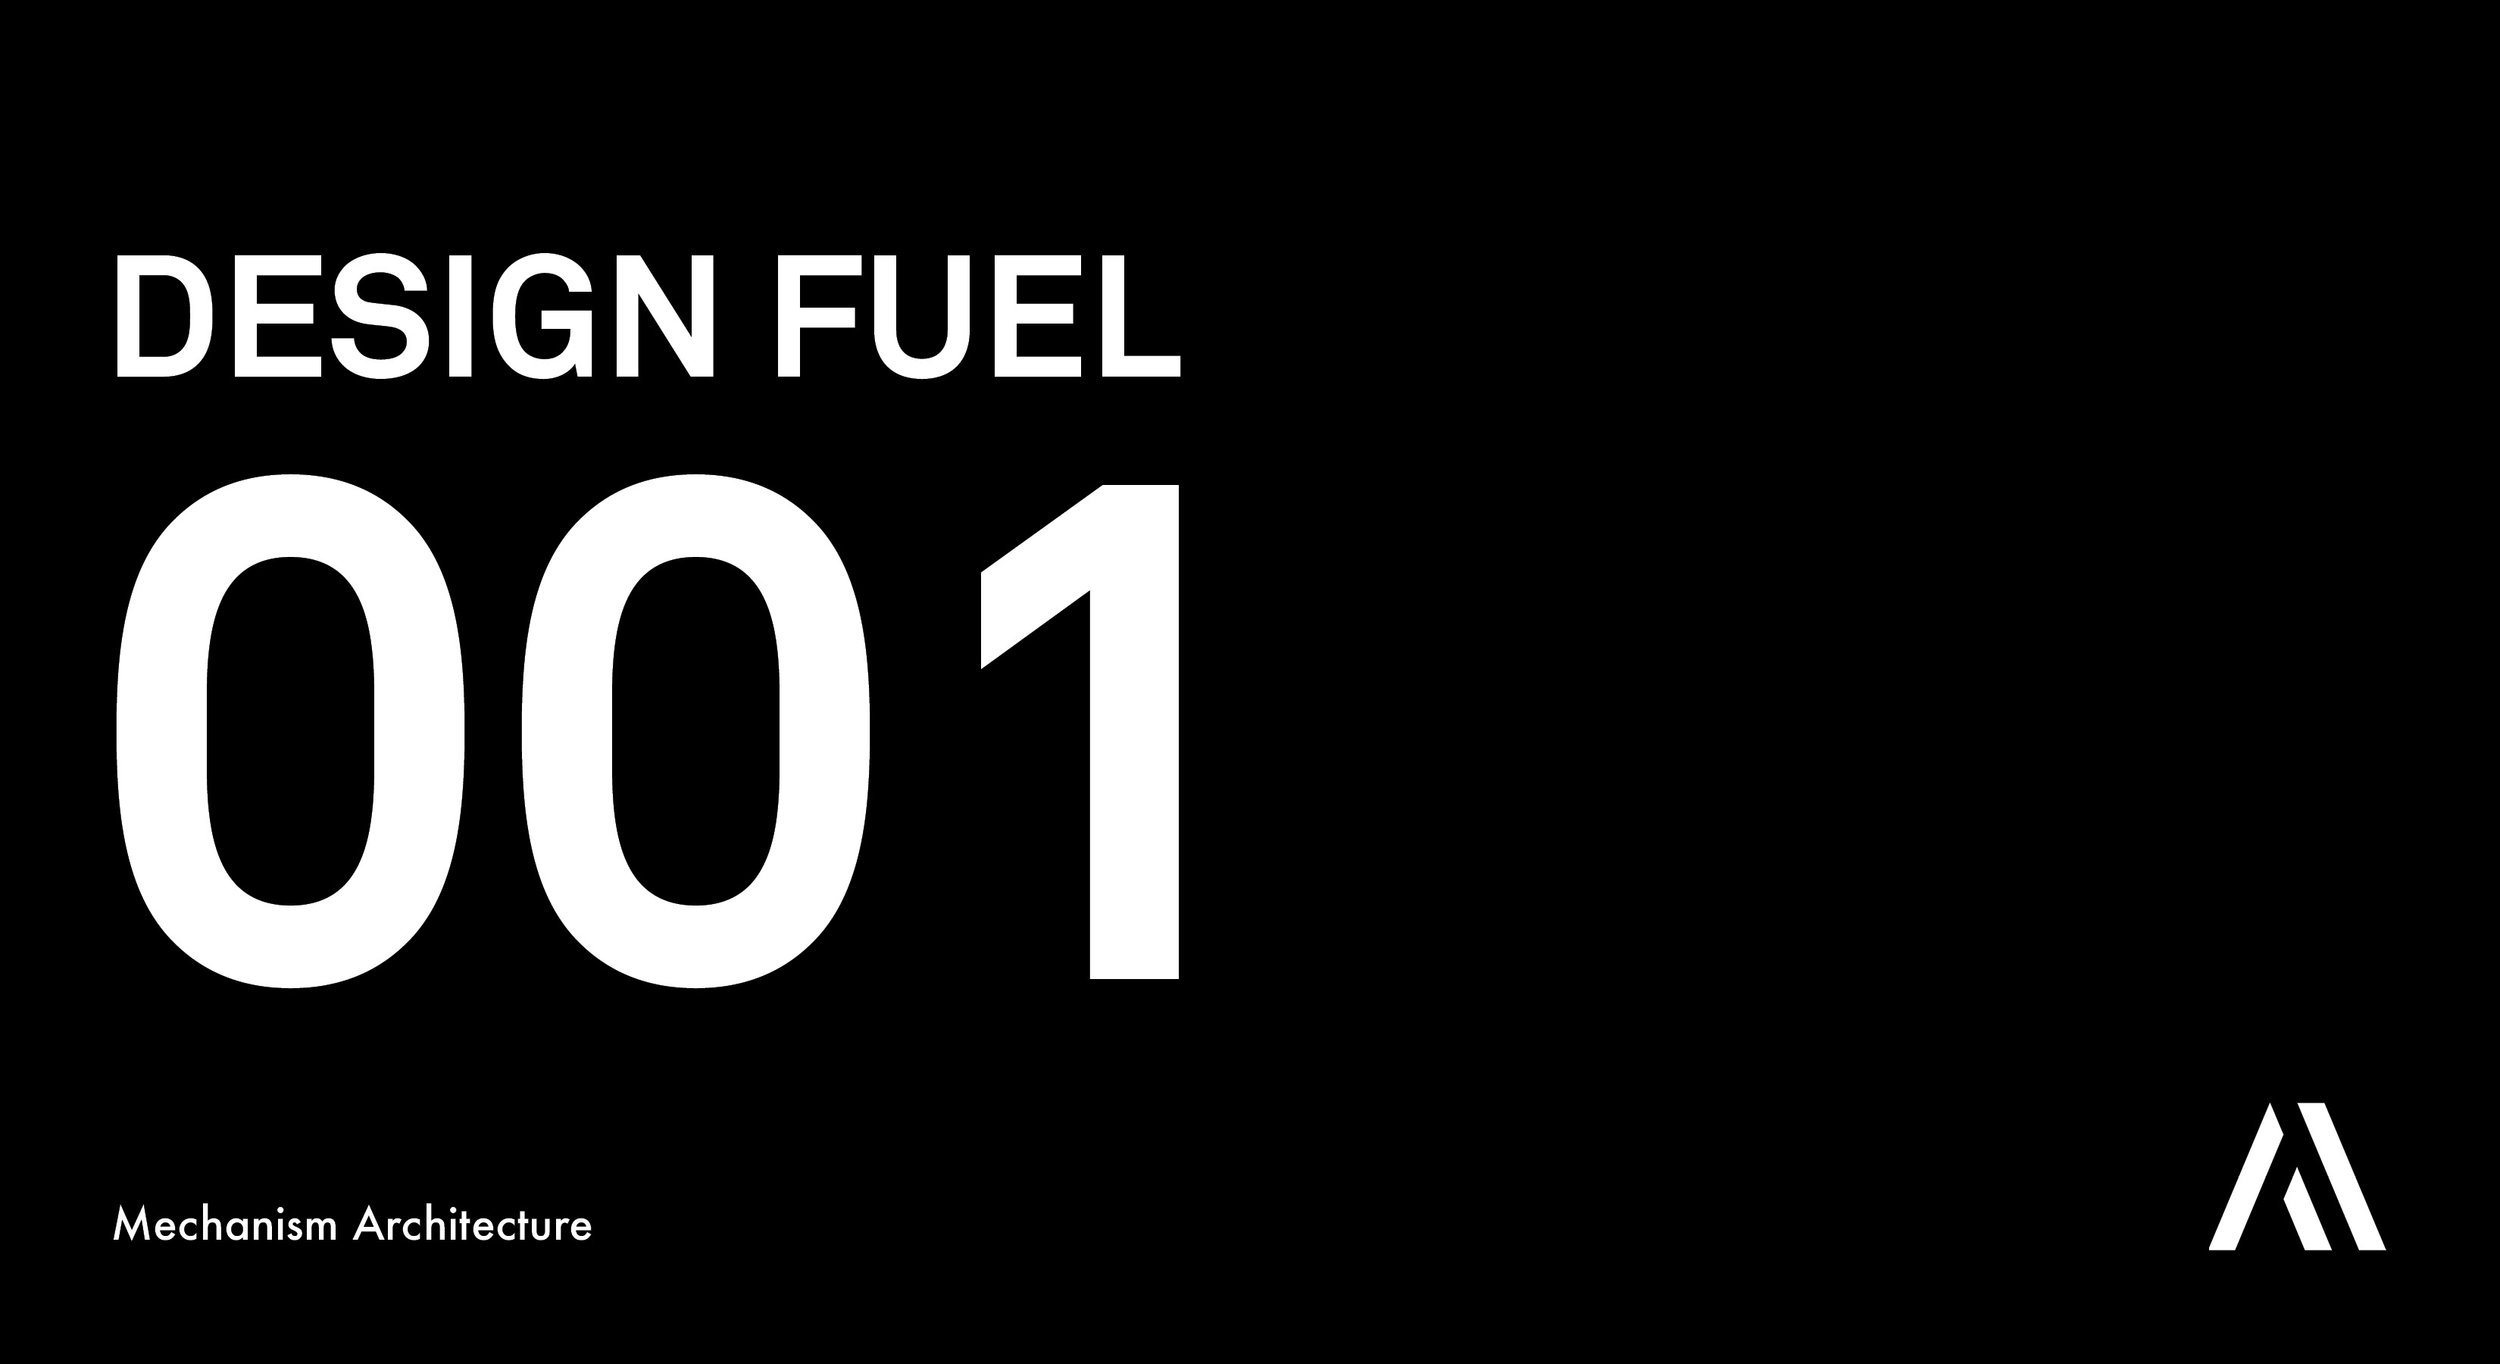 Design Fuel TItle slide 001.2.jpg